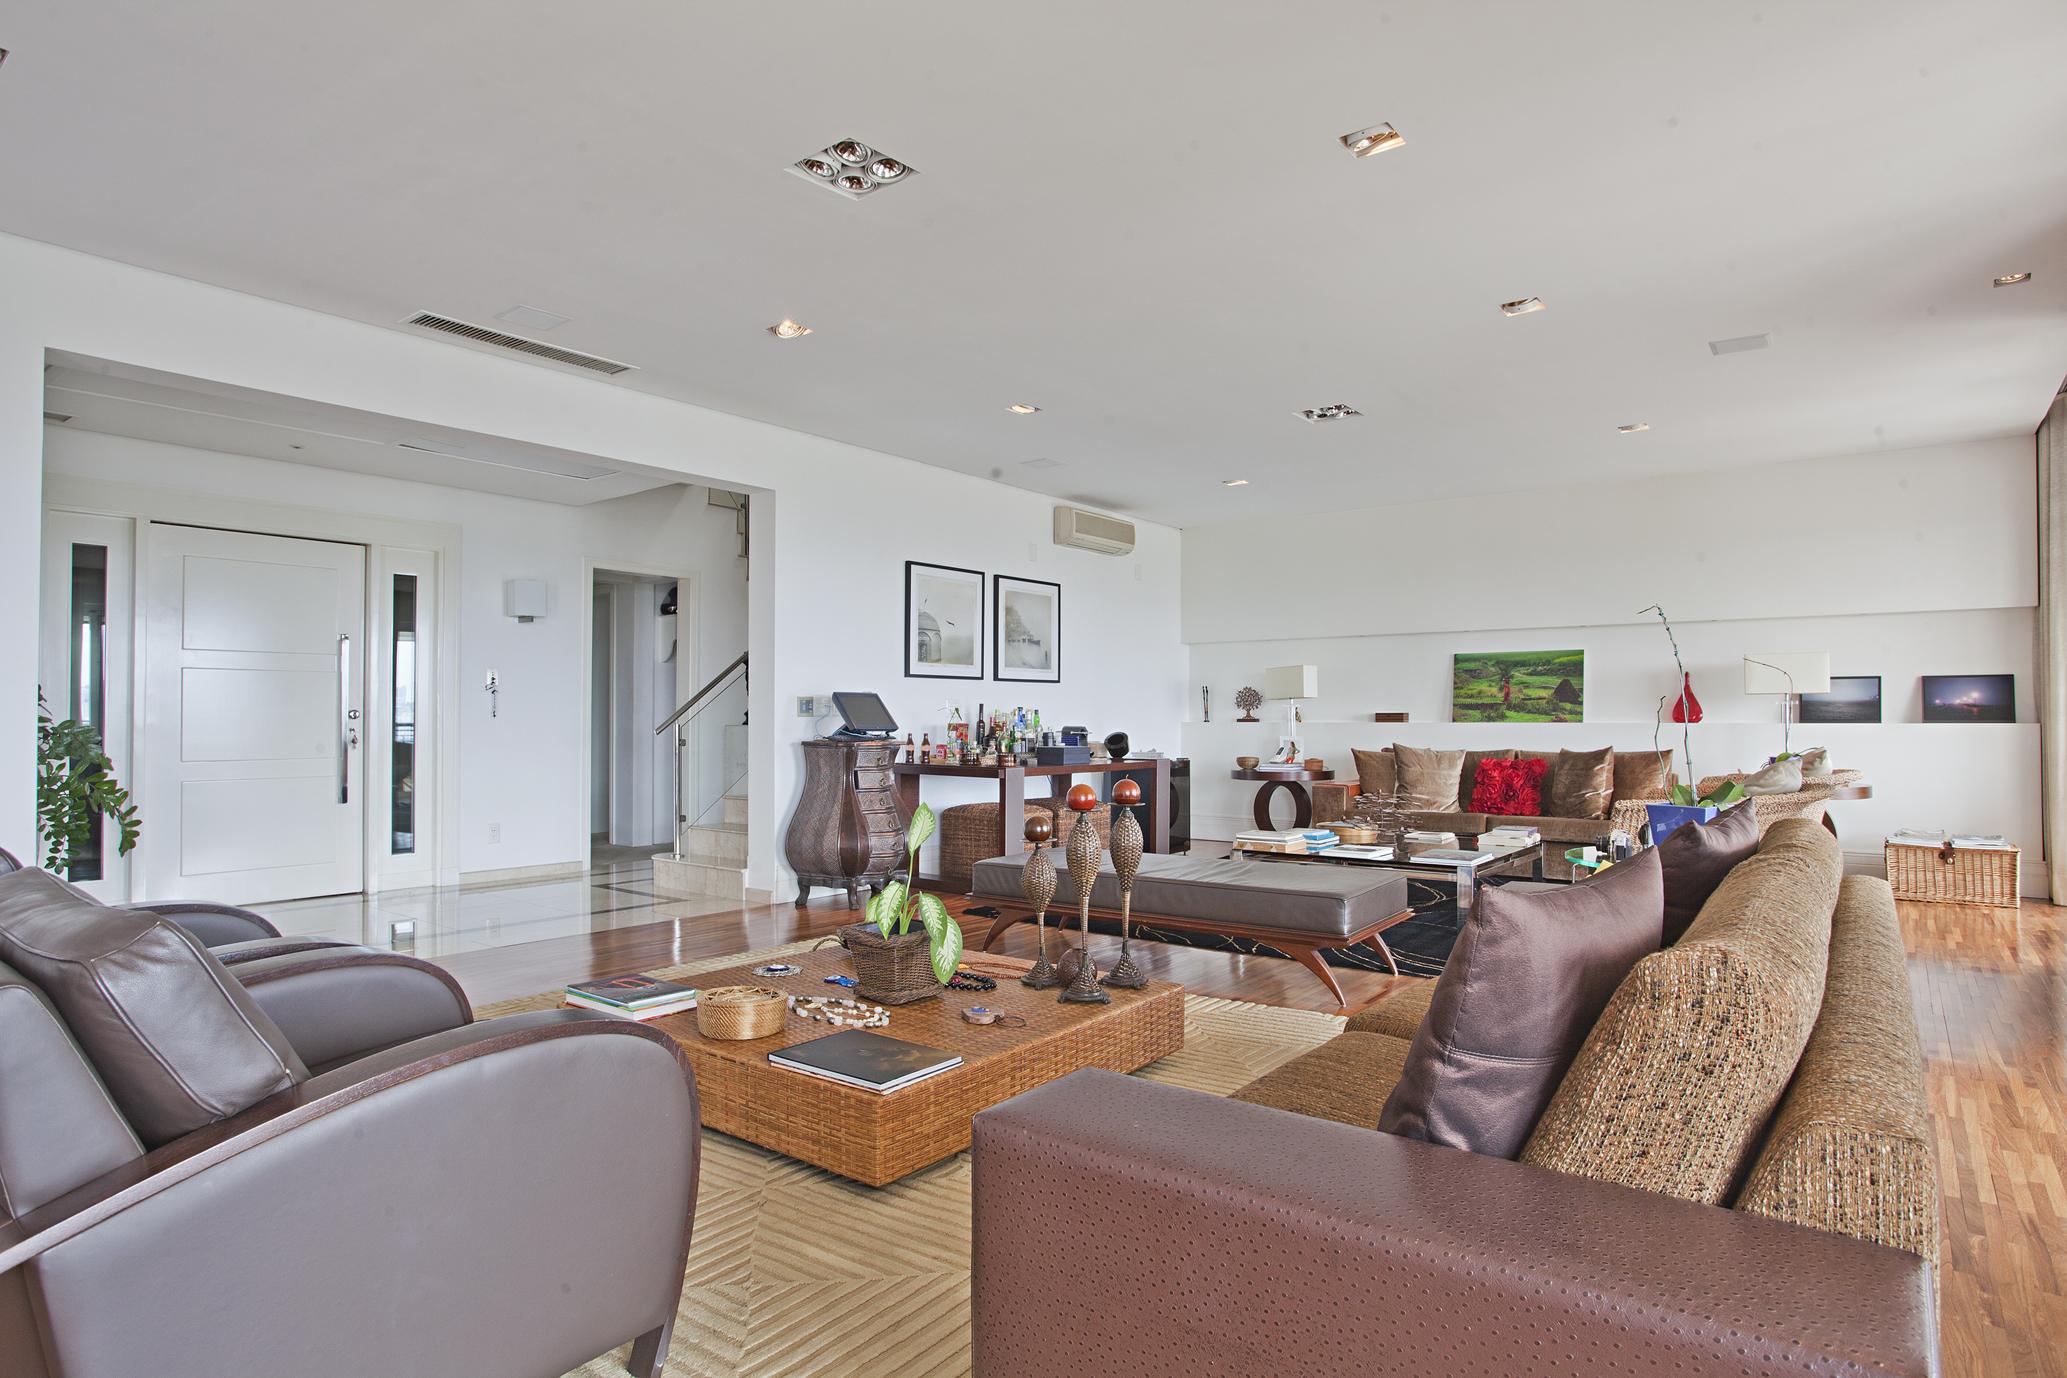 단독 가정 주택 용 매매 에 Penthouse with view to Iberapuera Park Rua Afonso Braz Sao Paulo, 상파울로, 04511010 브라질